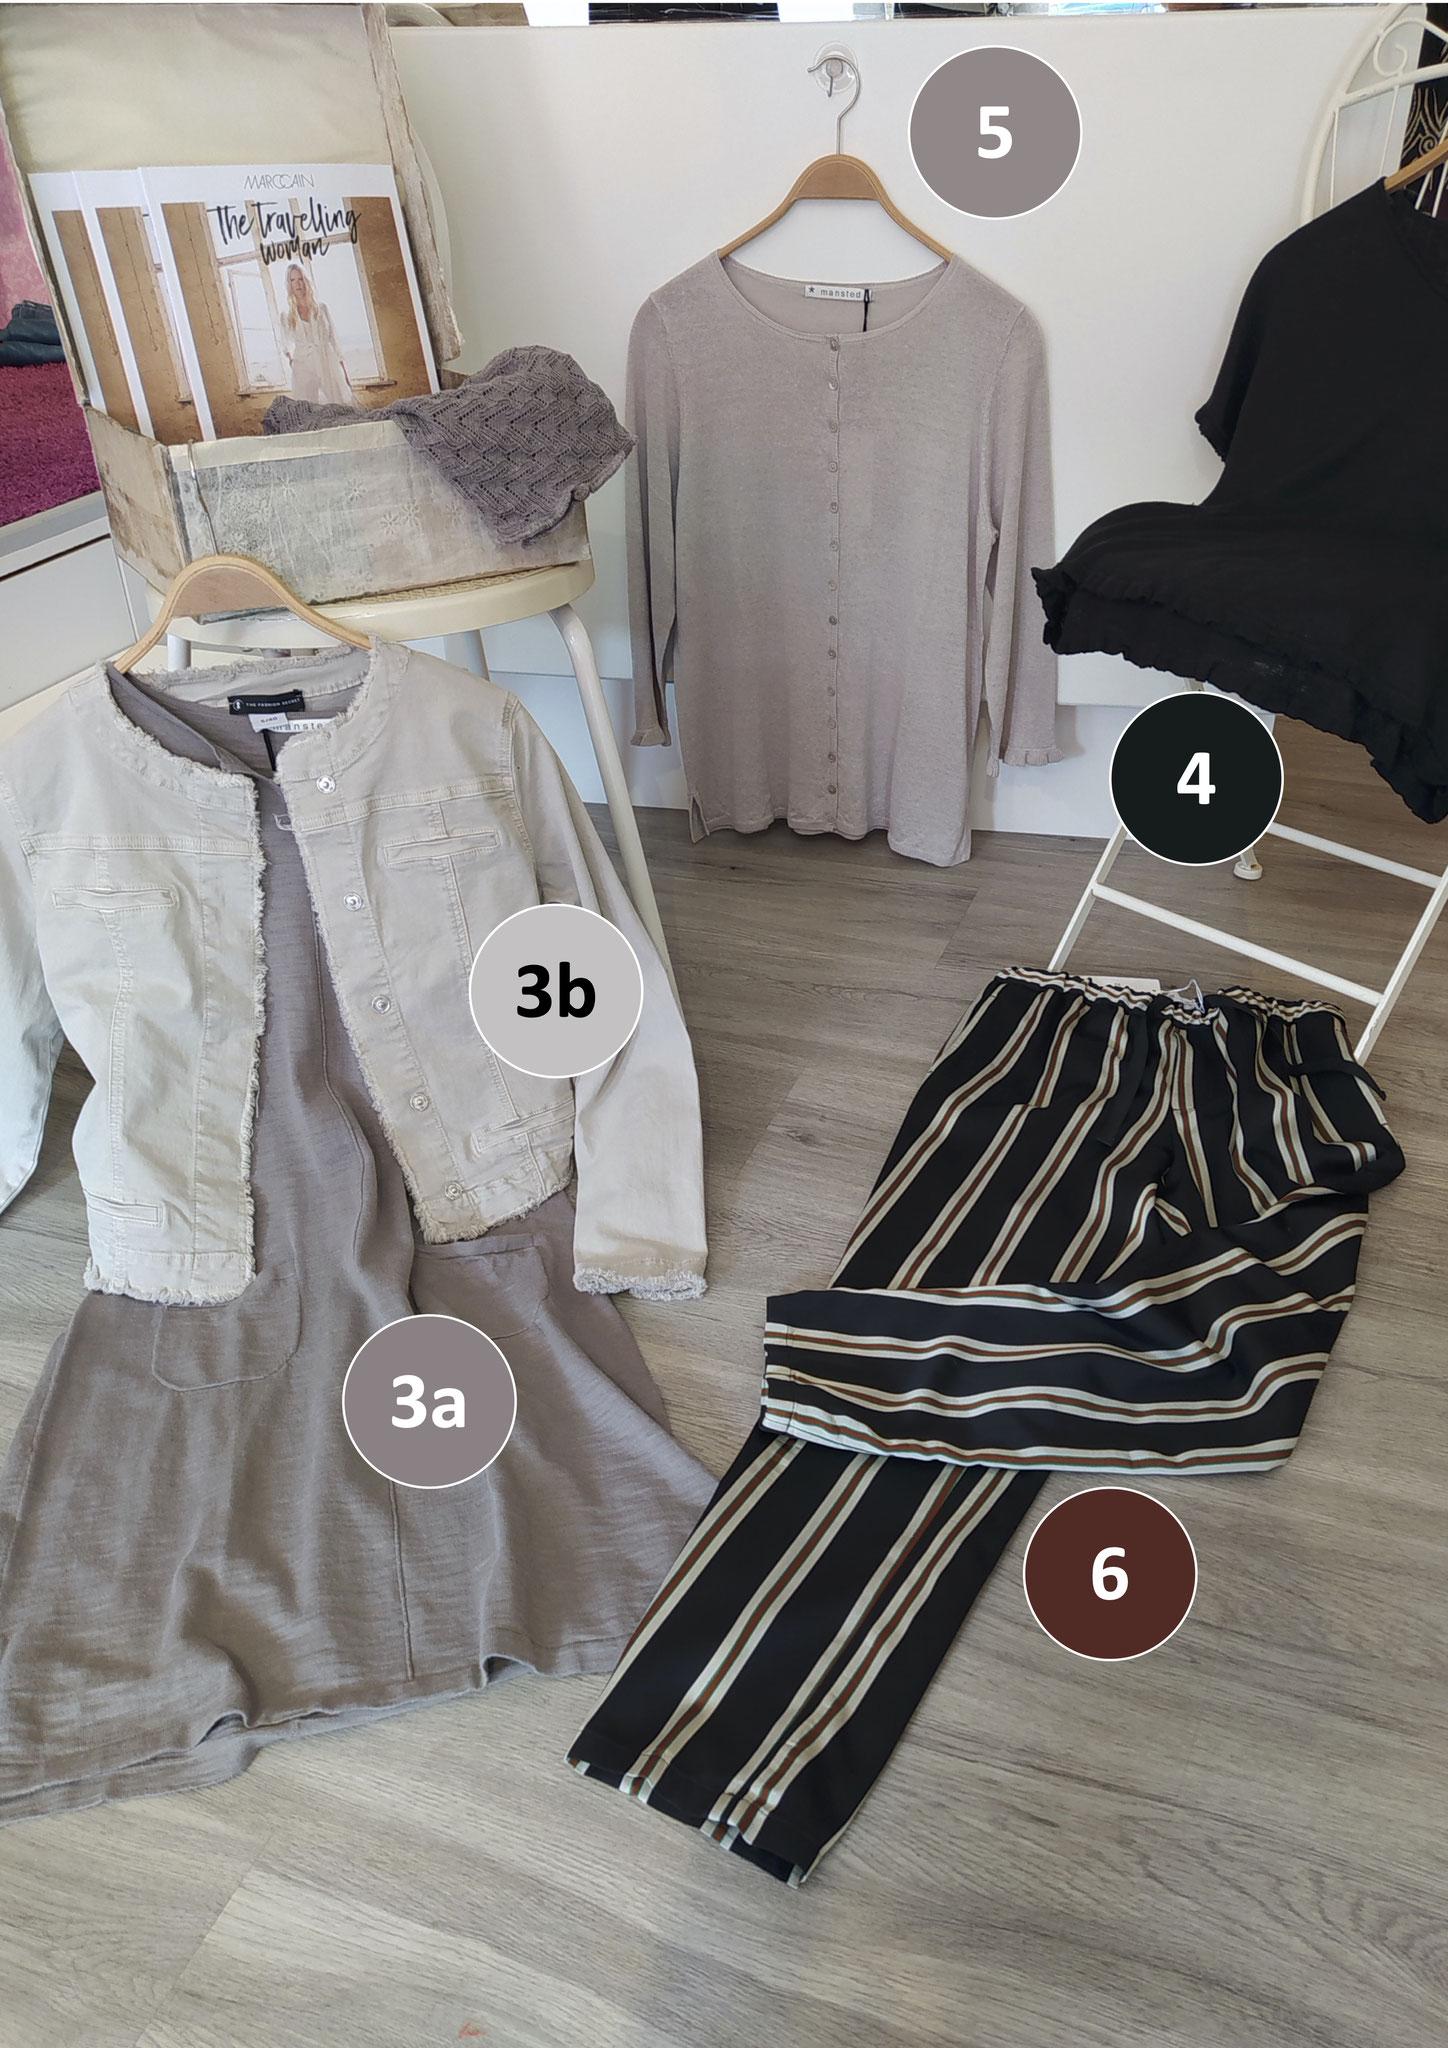 3a. Kurzarm-Kleid, Baumwolle (109€), 3b. Jeansjacke Fashion Secret (99,90€), 4. Kurzarm-Pulli, Leinen/Hanf (99,90€), 6. Streifenhose Closed (99€, vorher 229€)